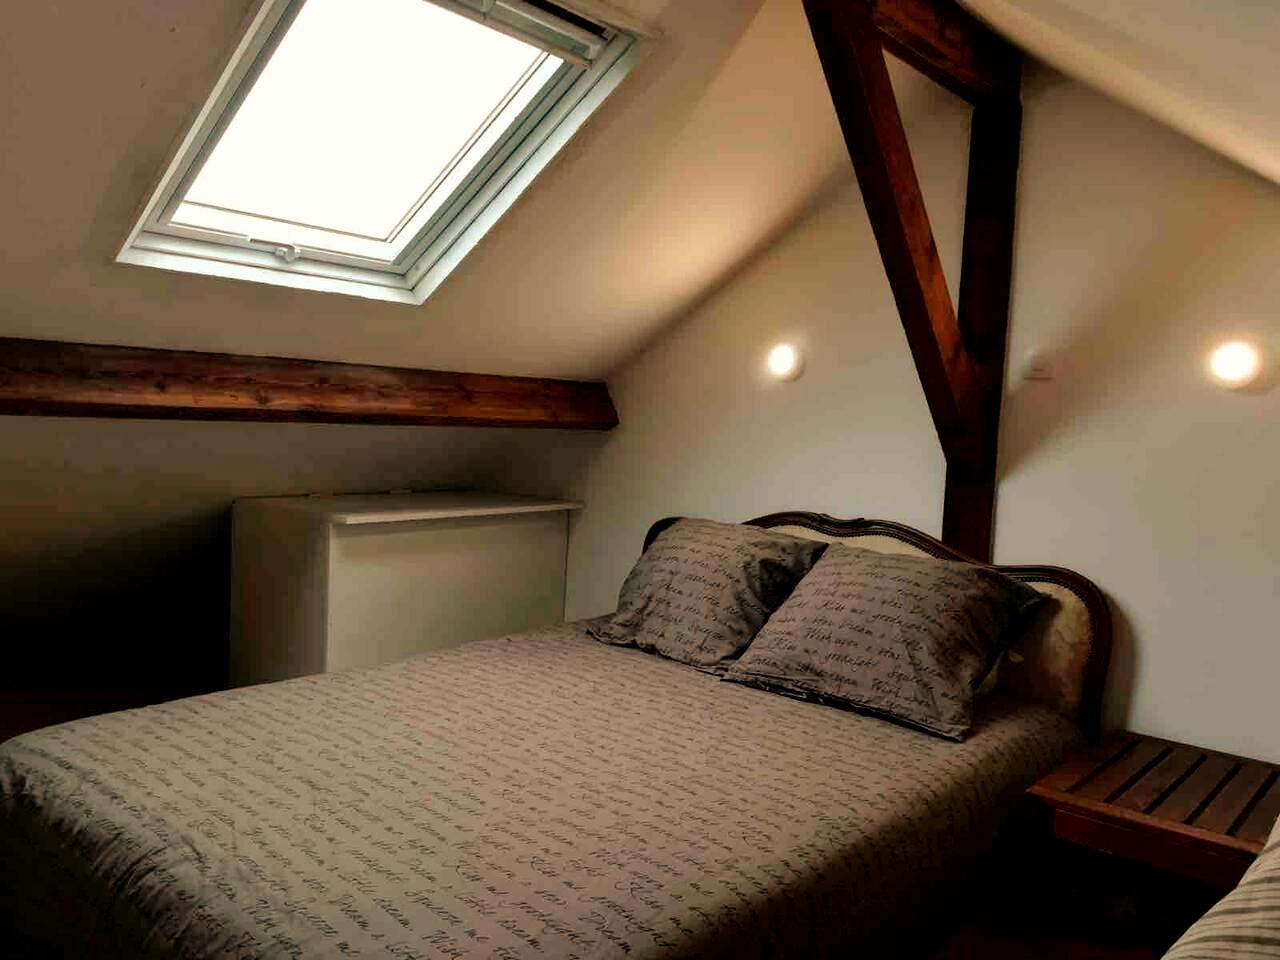 Chambre - Duplex Cosy Deauville_edited